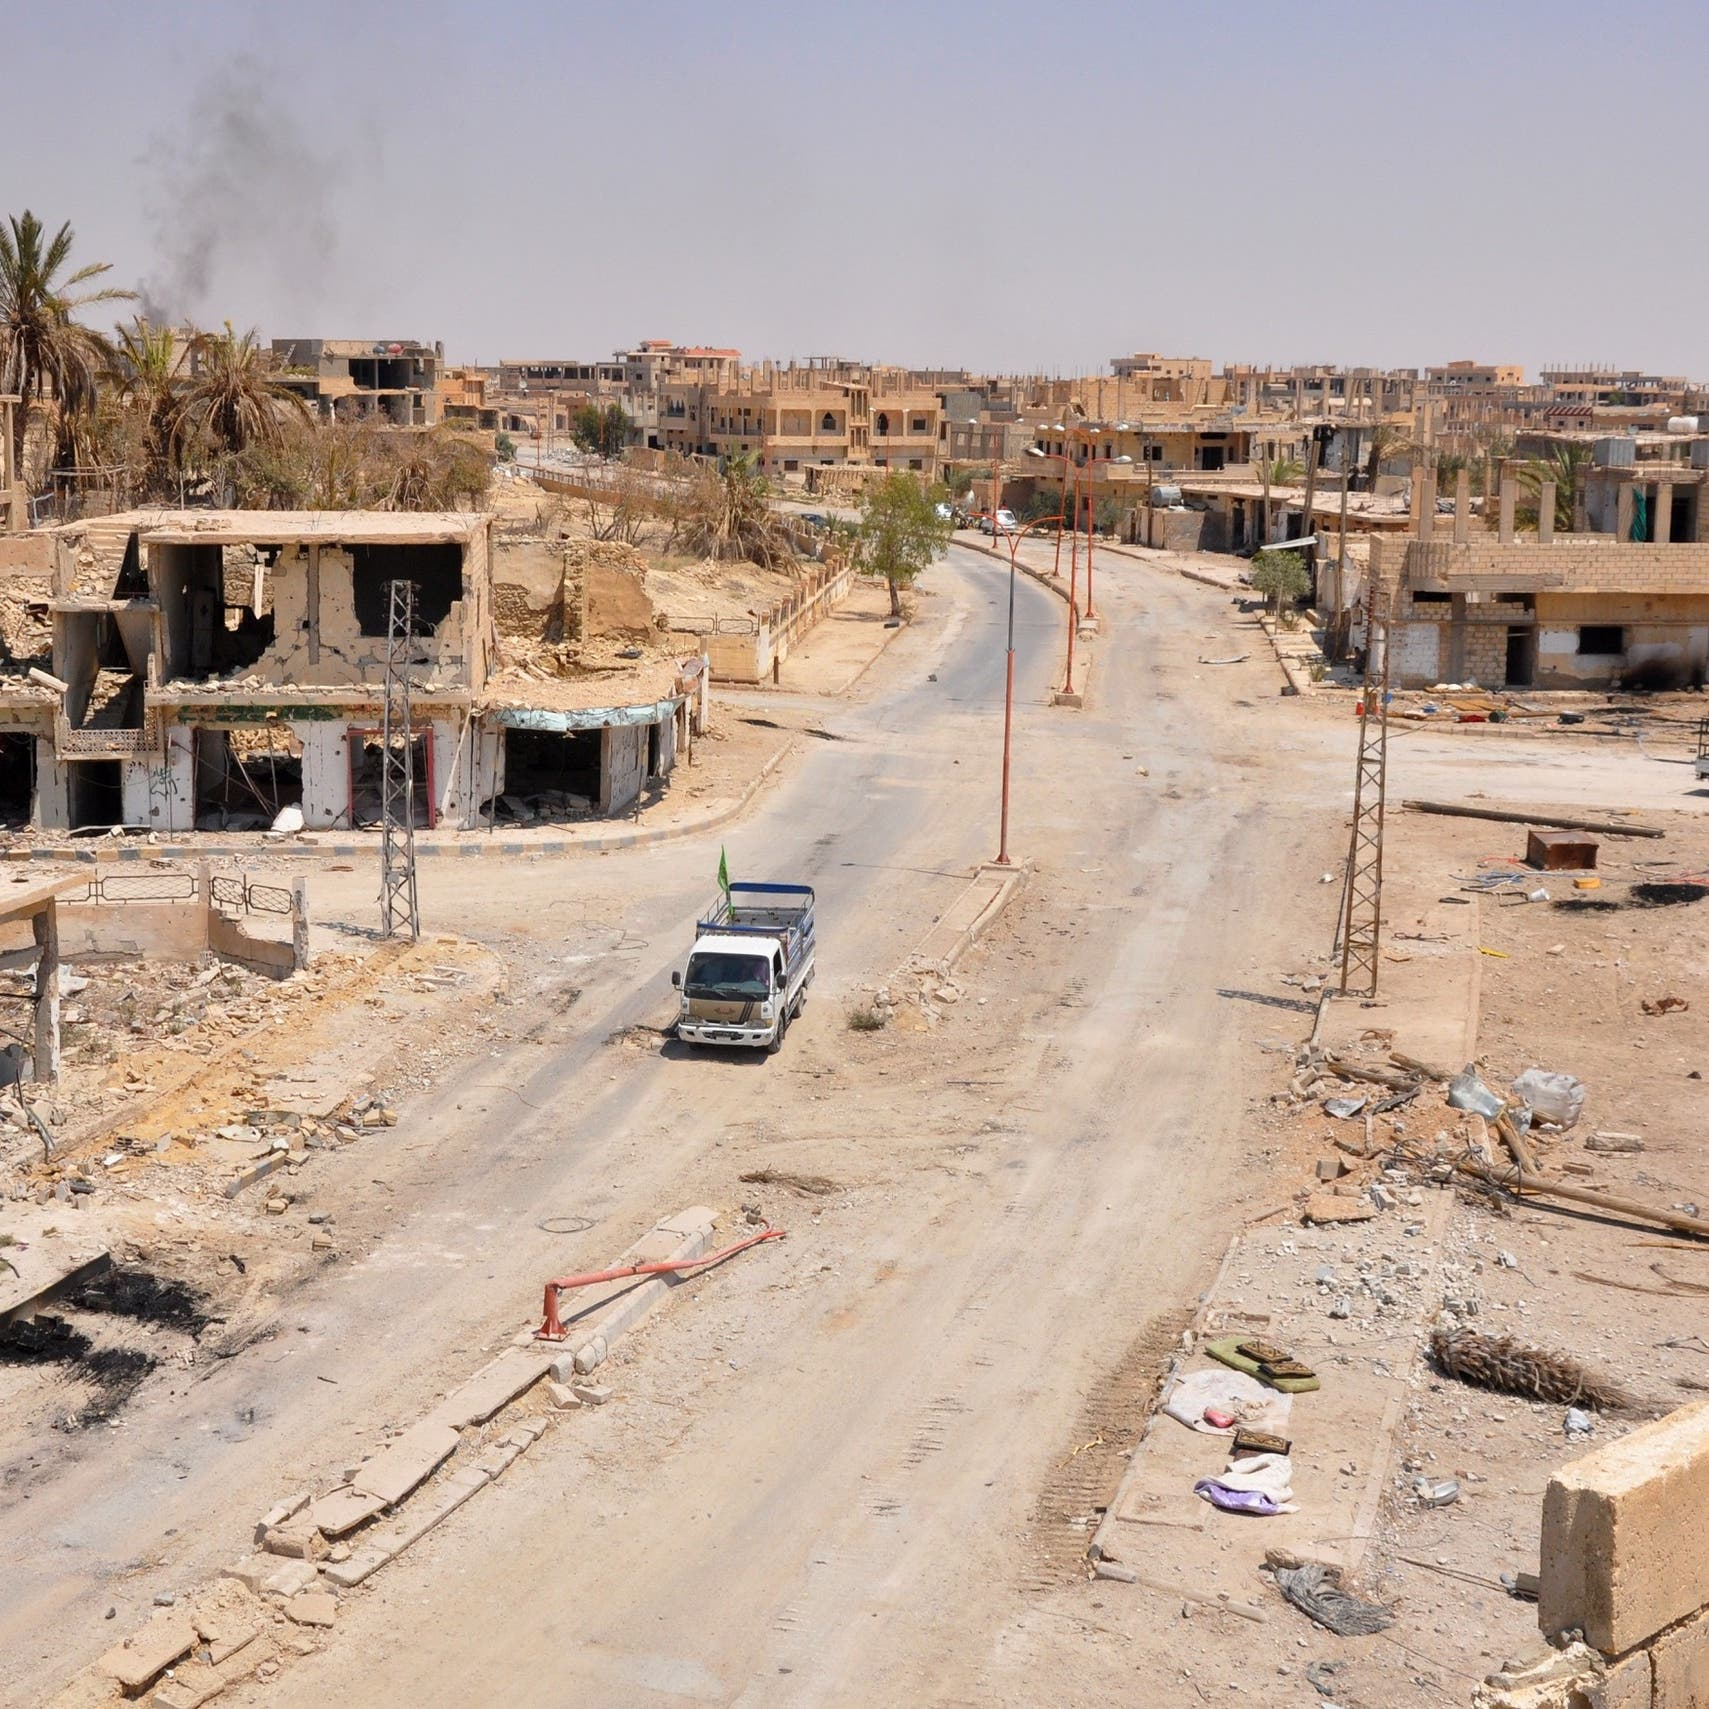 مسؤول أميركي: غارات إسرائيل في سوريا تمت بمعلومات منا